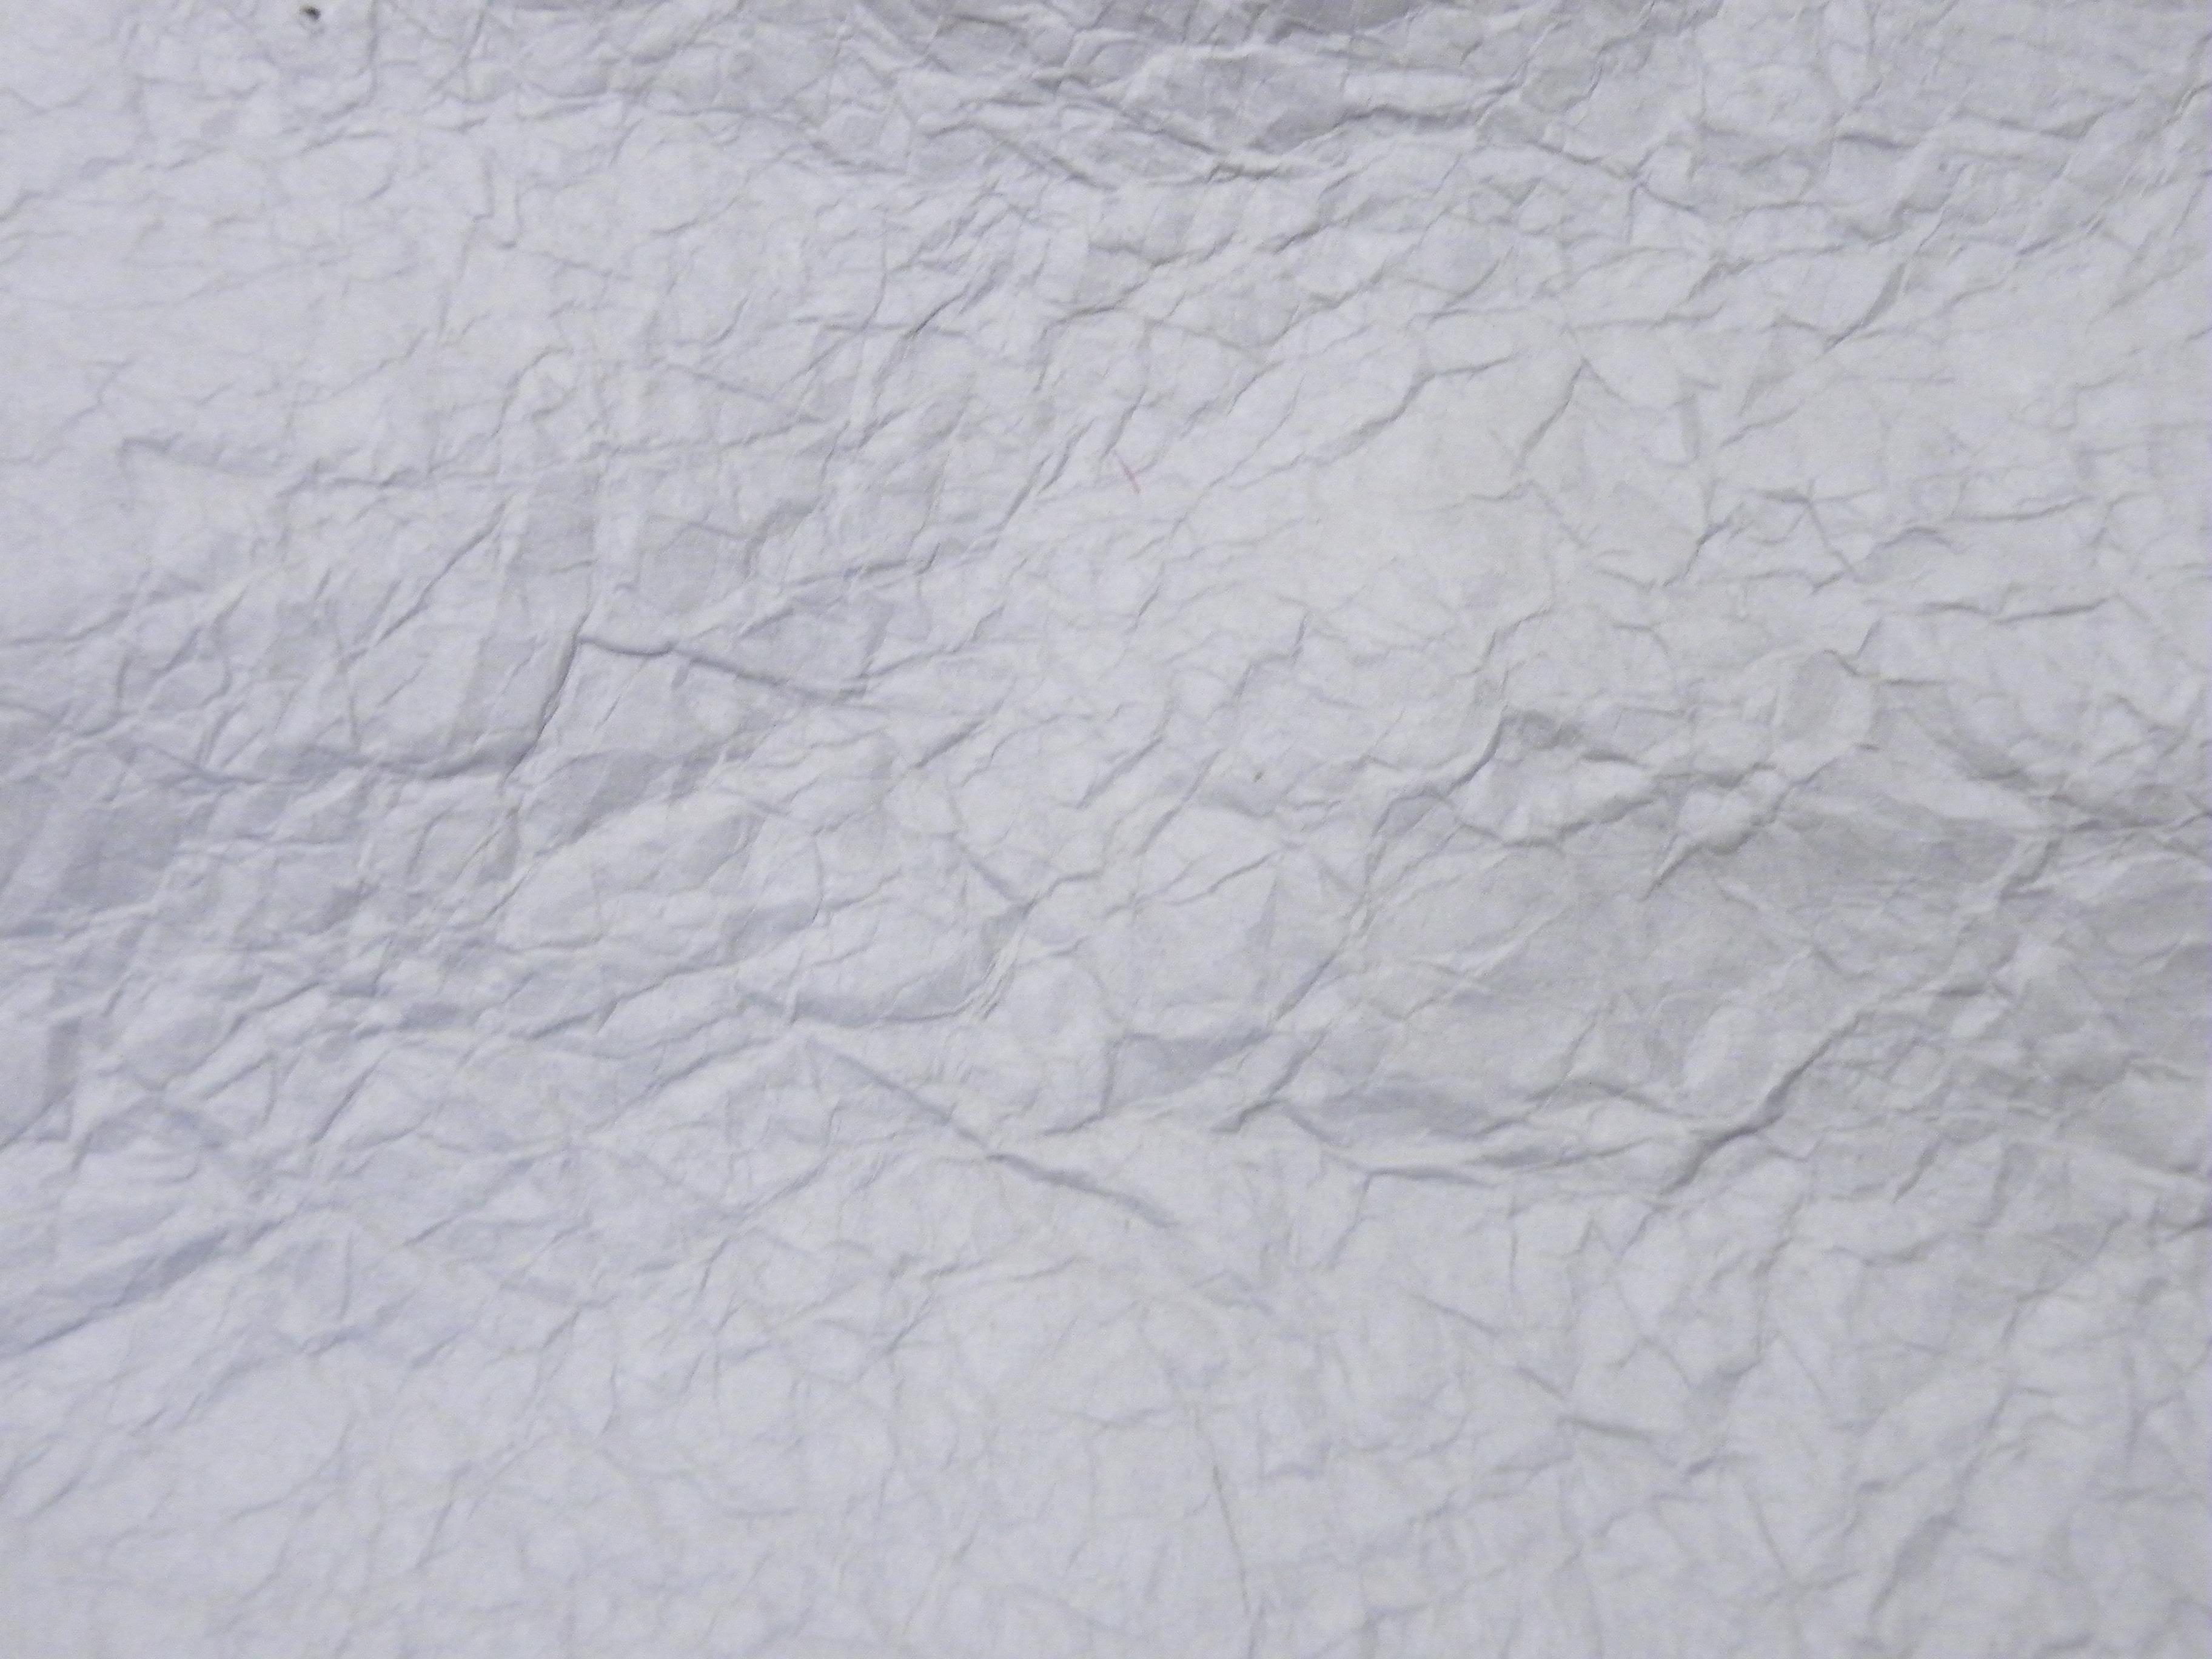 matiere-papier-froisse